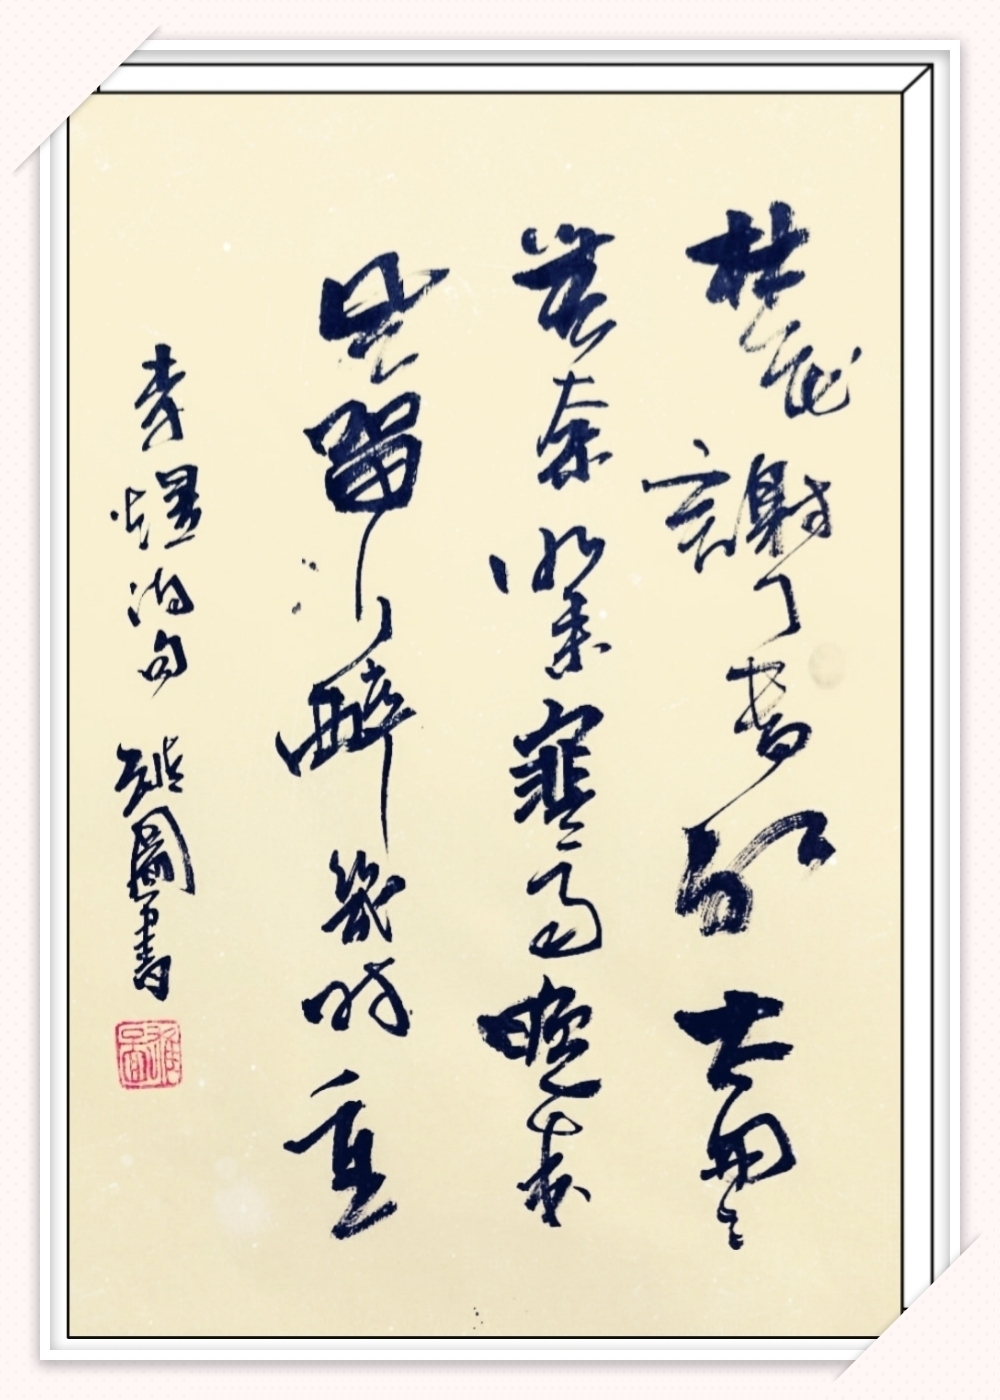 邓丽君演唱古诗词10首 雄图书法丨美到心醉